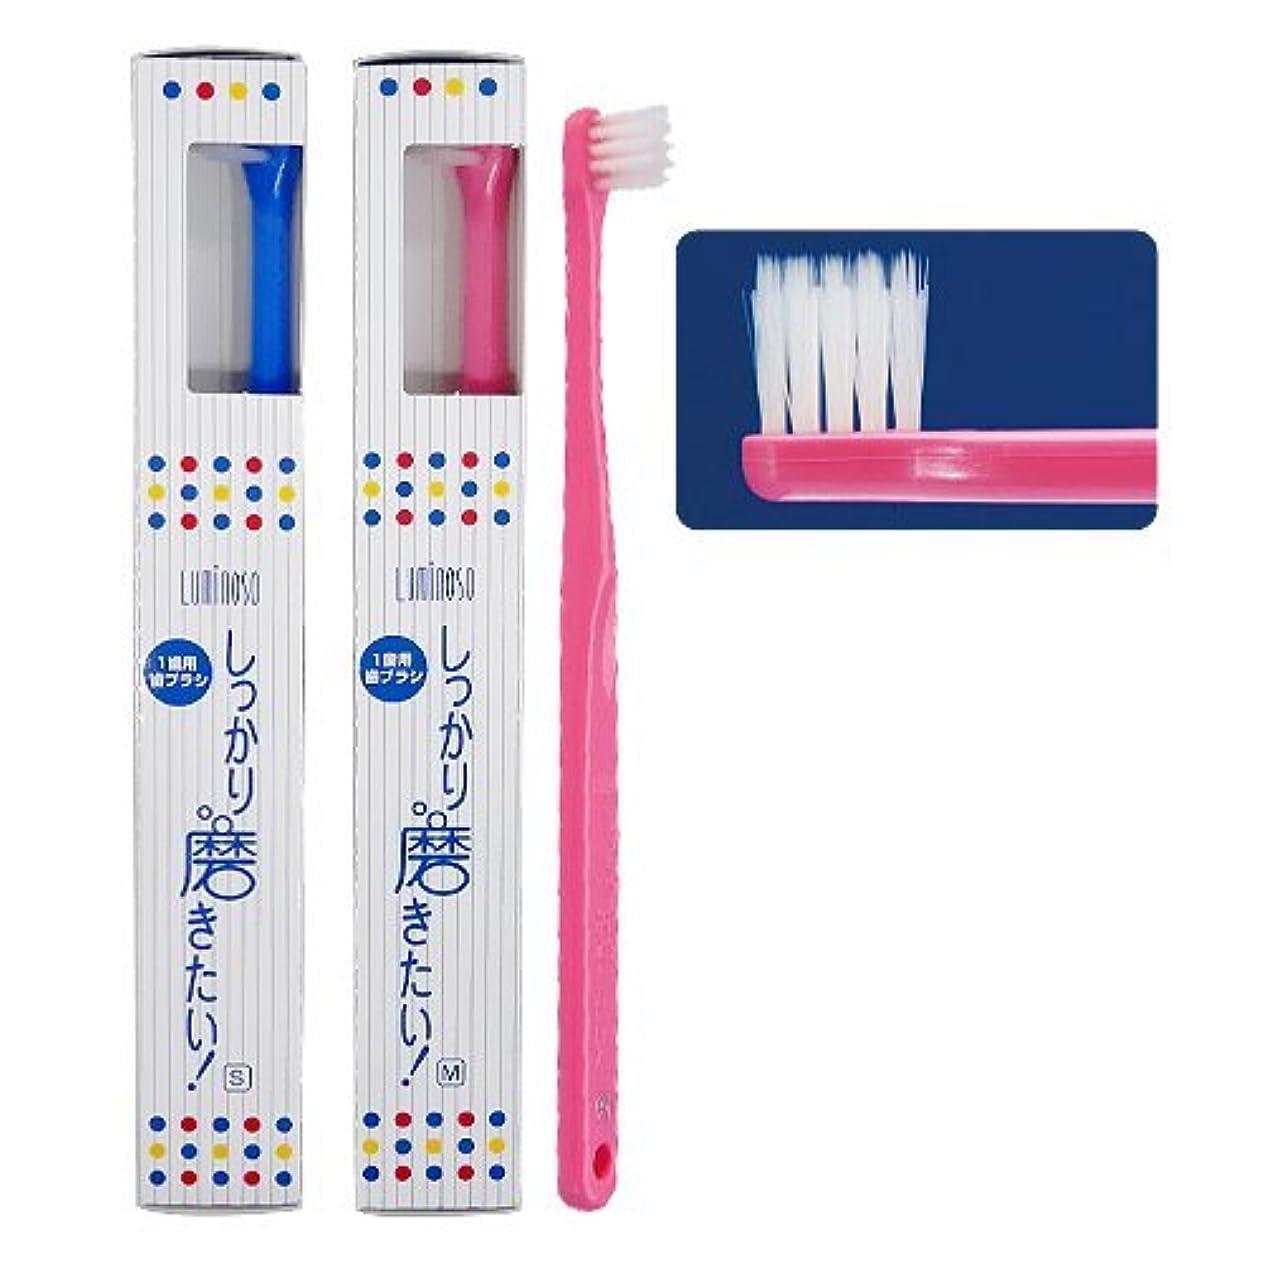 クラックポット資源生命体ルミノソ 1歯用歯ブラシ「しっかり磨きたい!」スタンダード ソフト (カラー指定不可) 3本